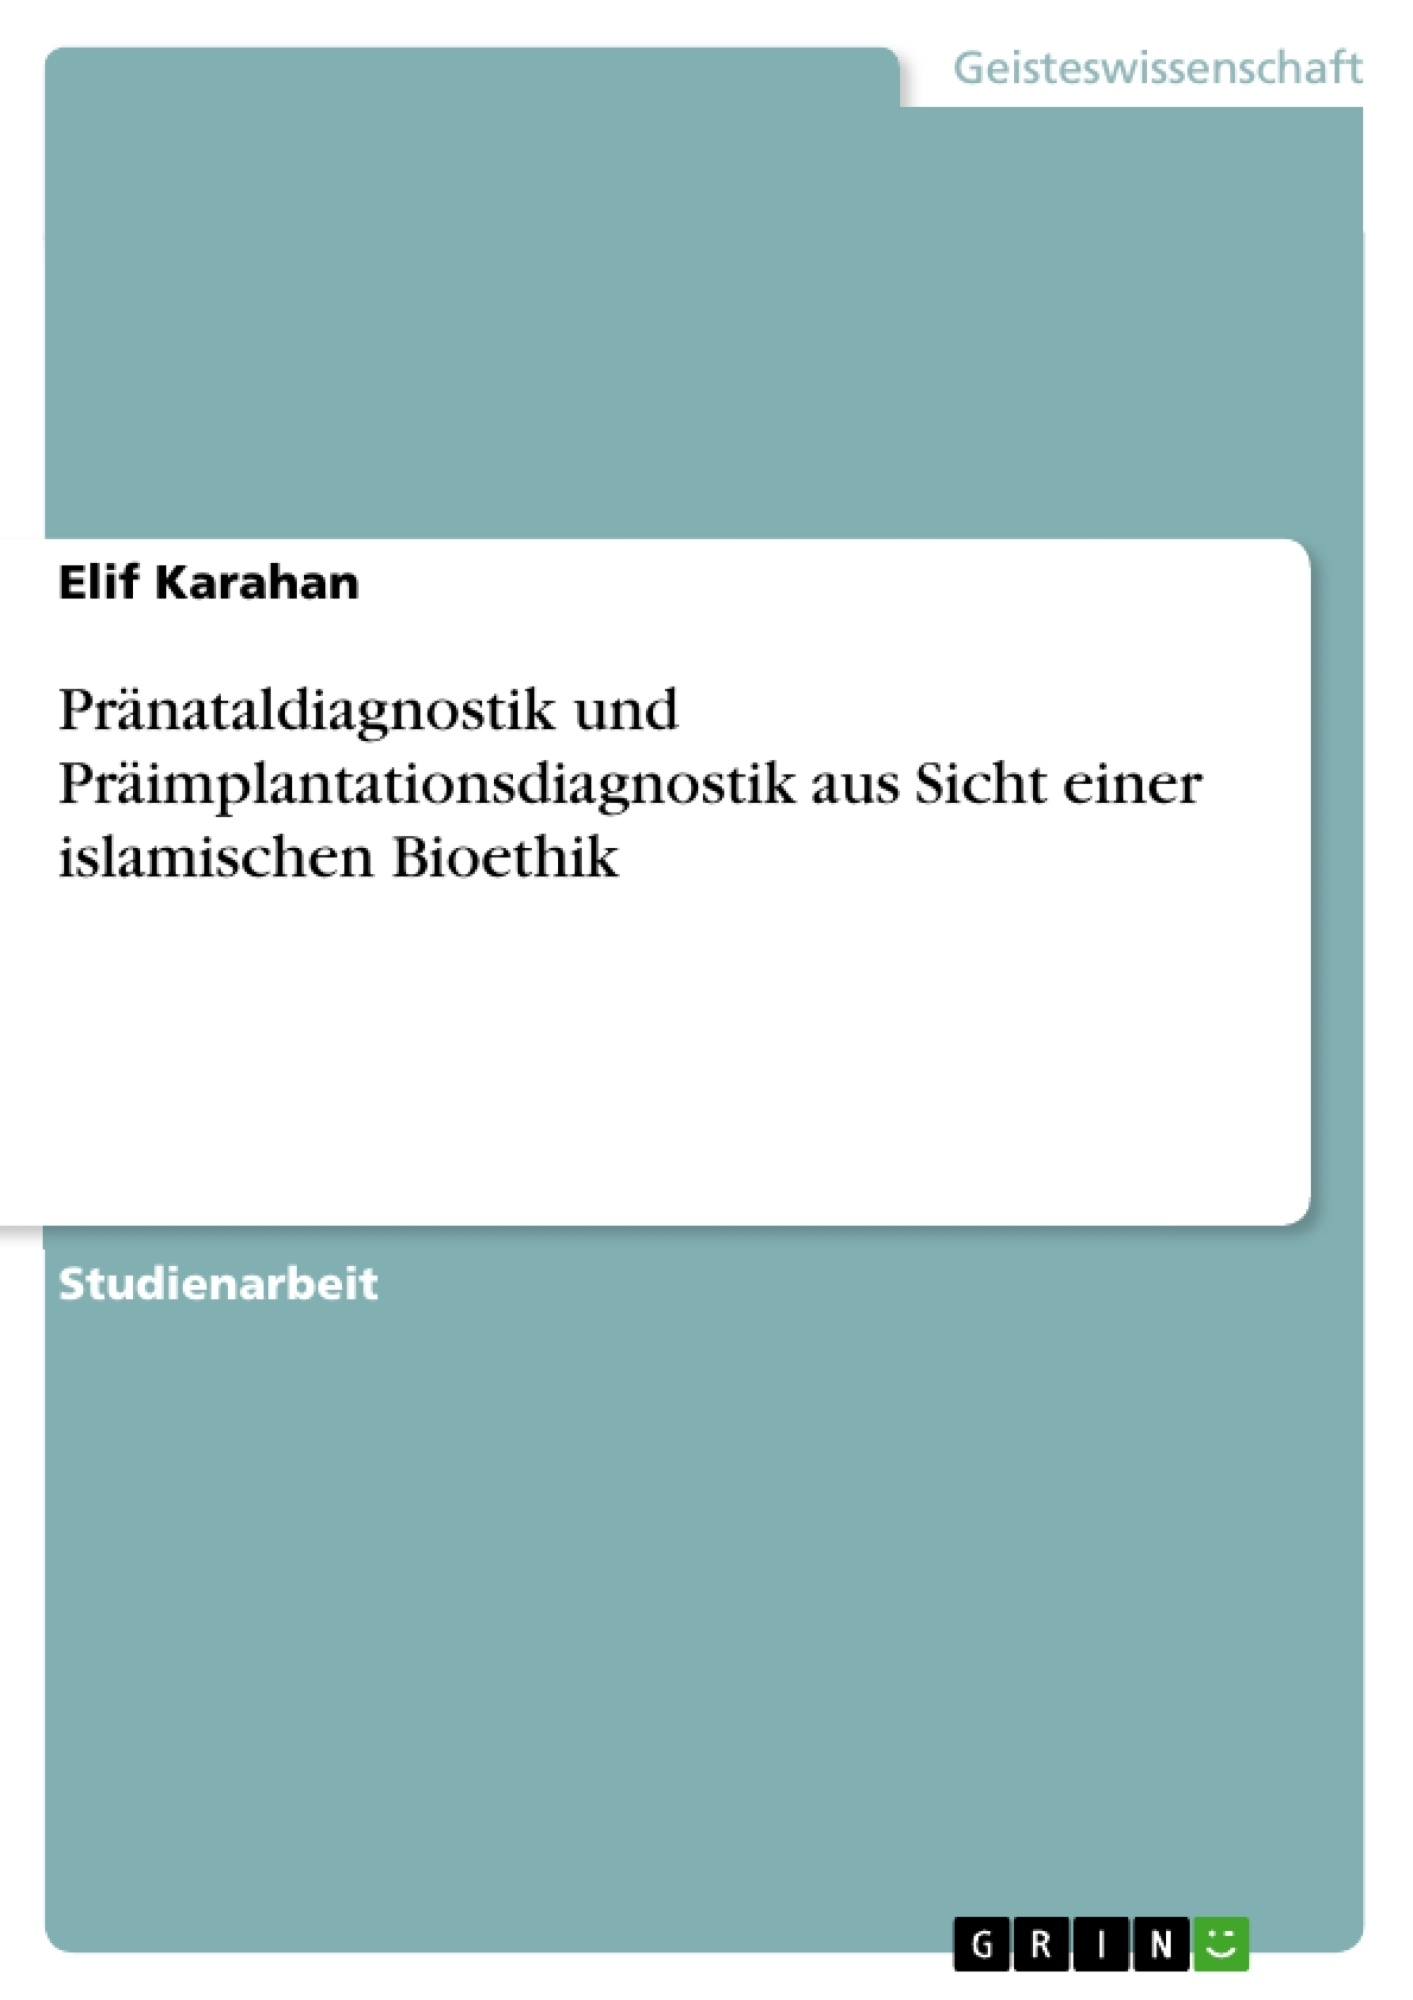 Titel: Pränataldiagnostik und Präimplantationsdiagnostik aus Sicht einer islamischen Bioethik